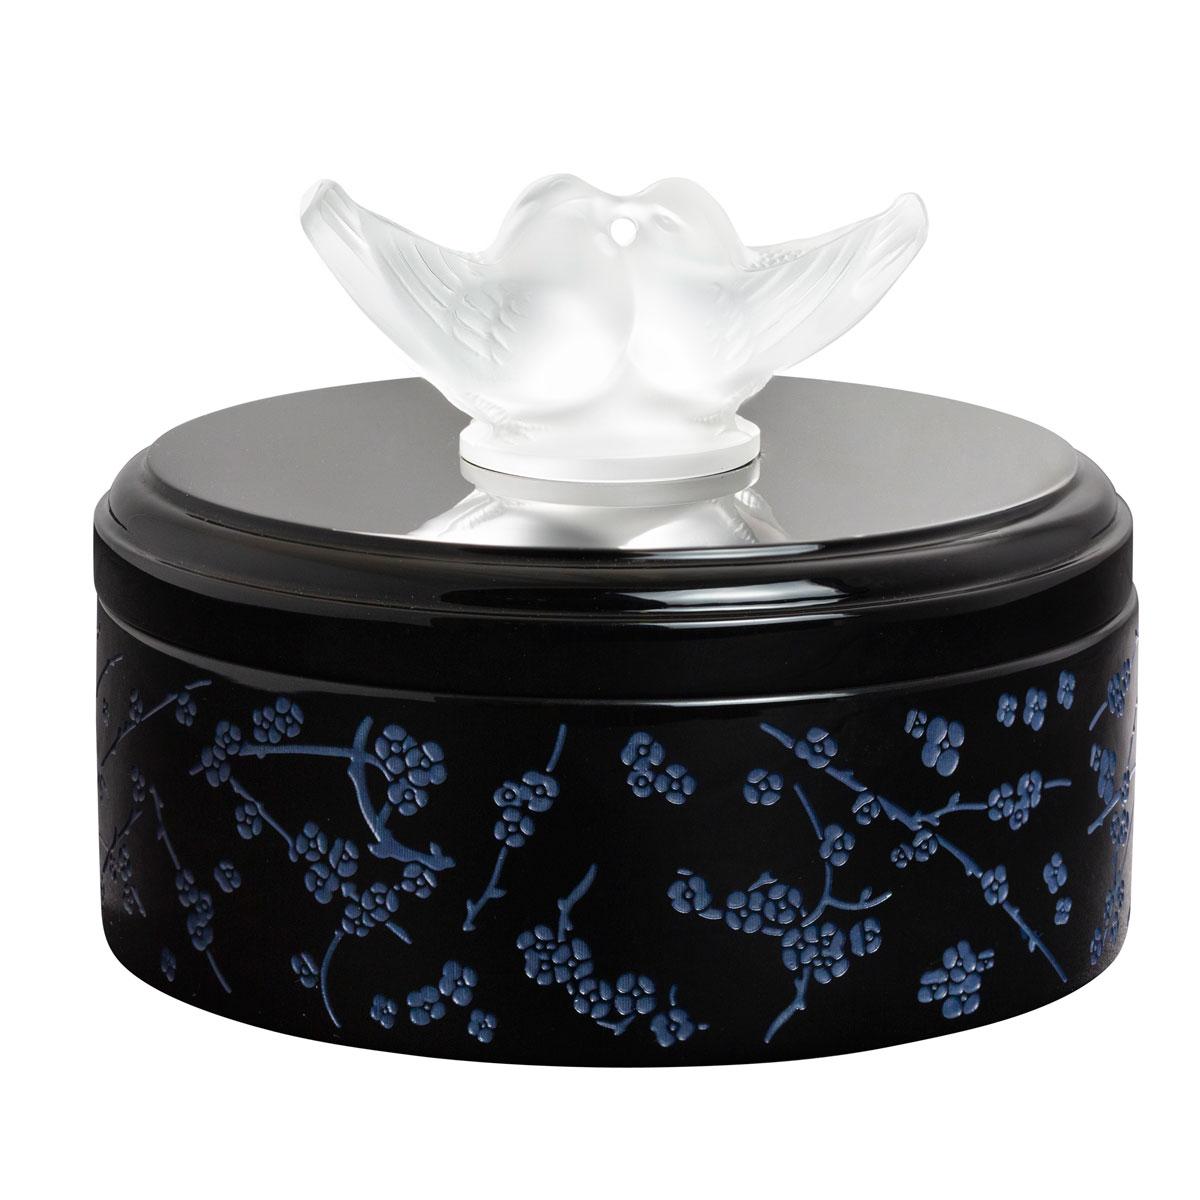 Lalique Fleurs De Cerisiers Lacquer Wood Box, Small